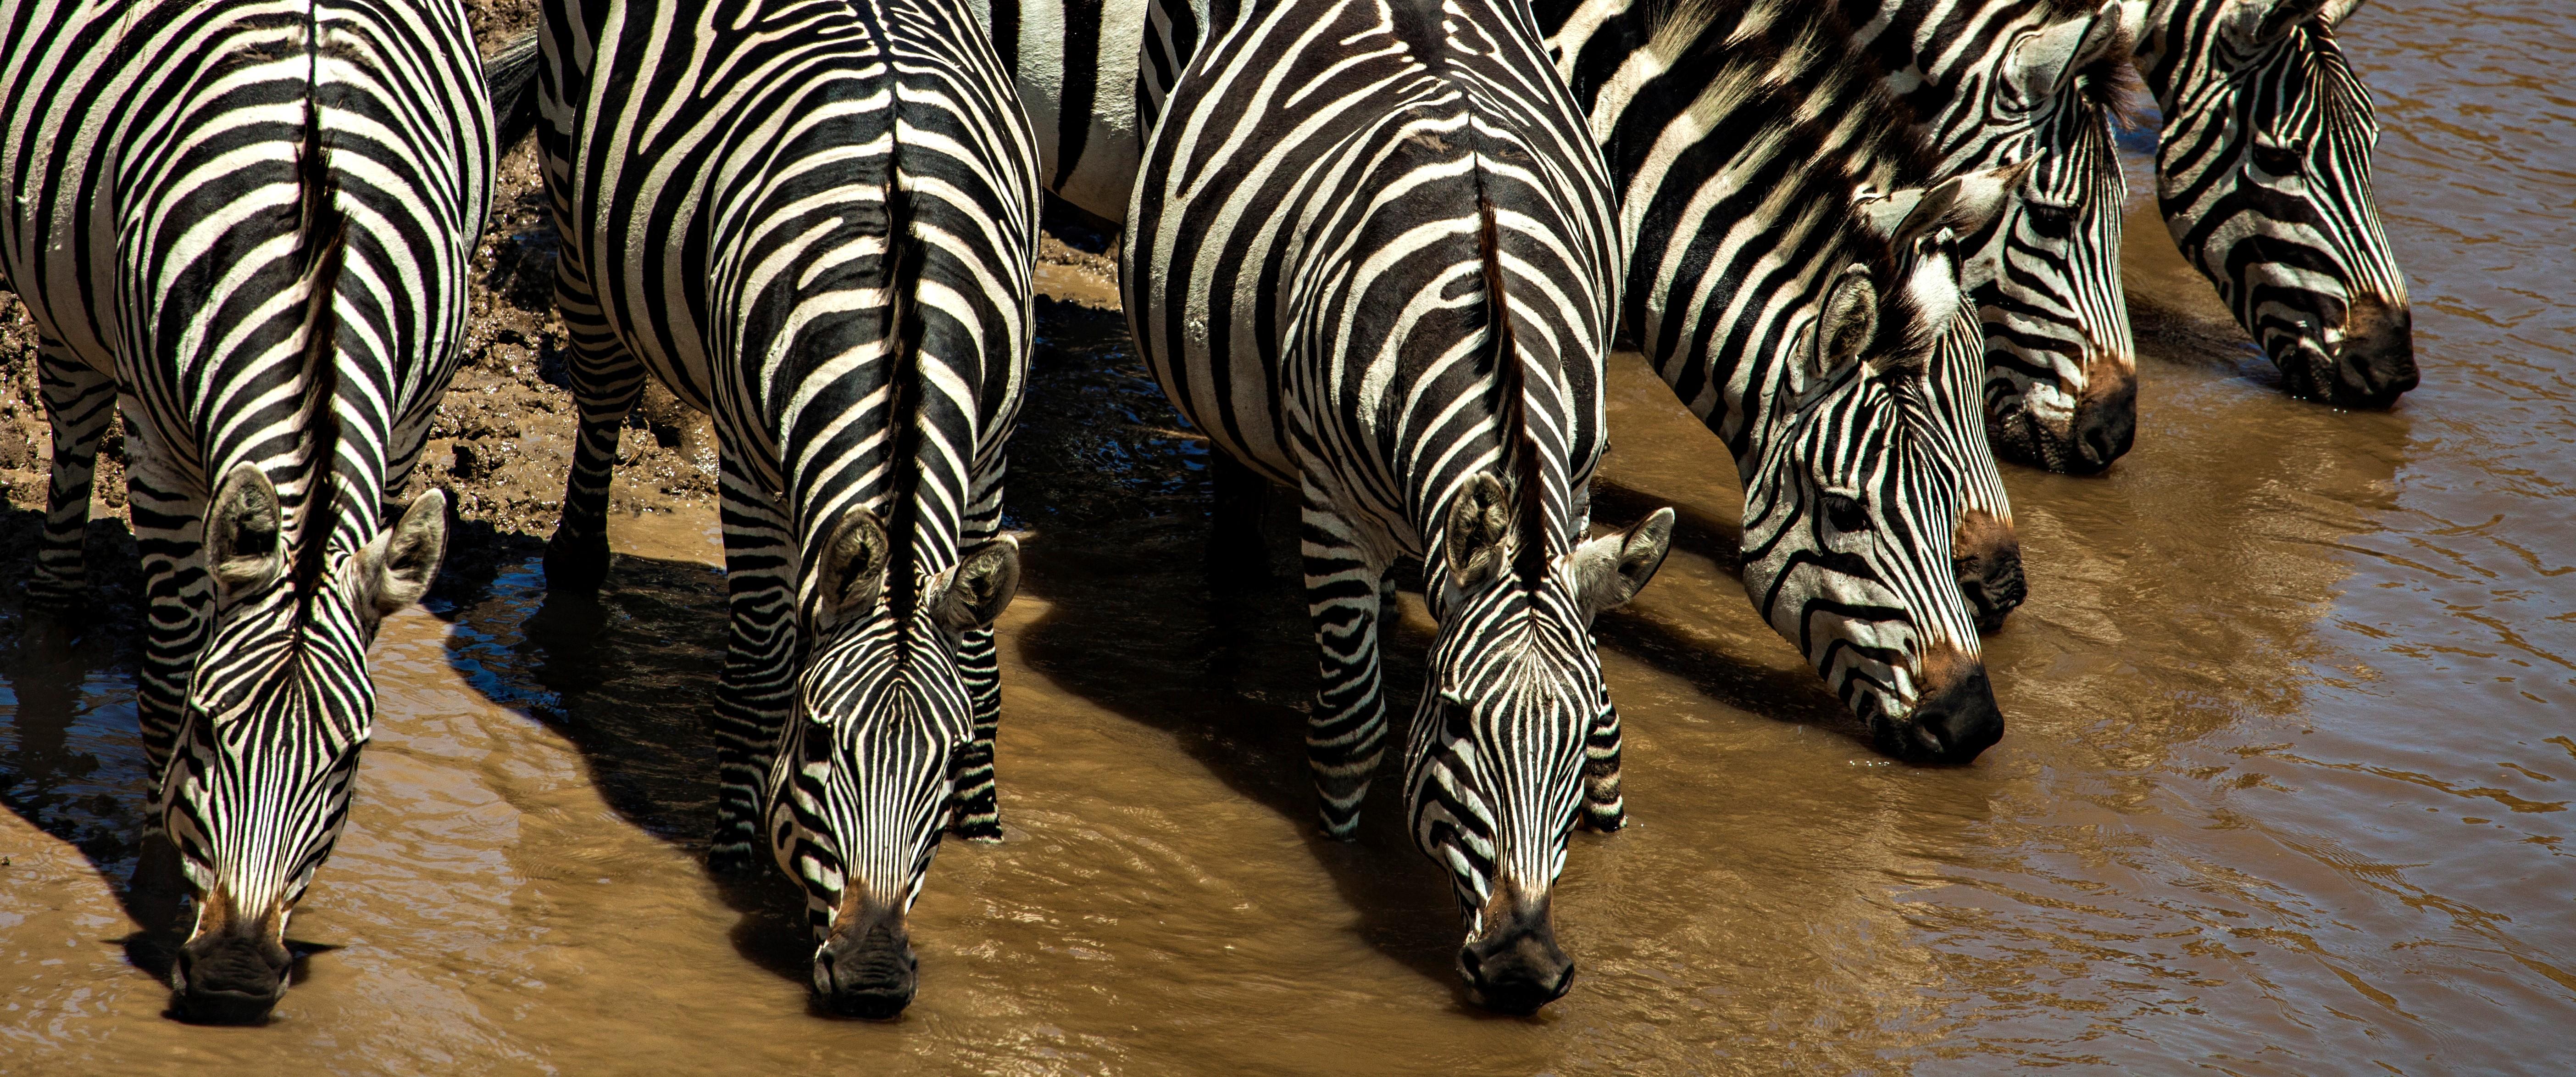 zebra-water-hole-serengeti